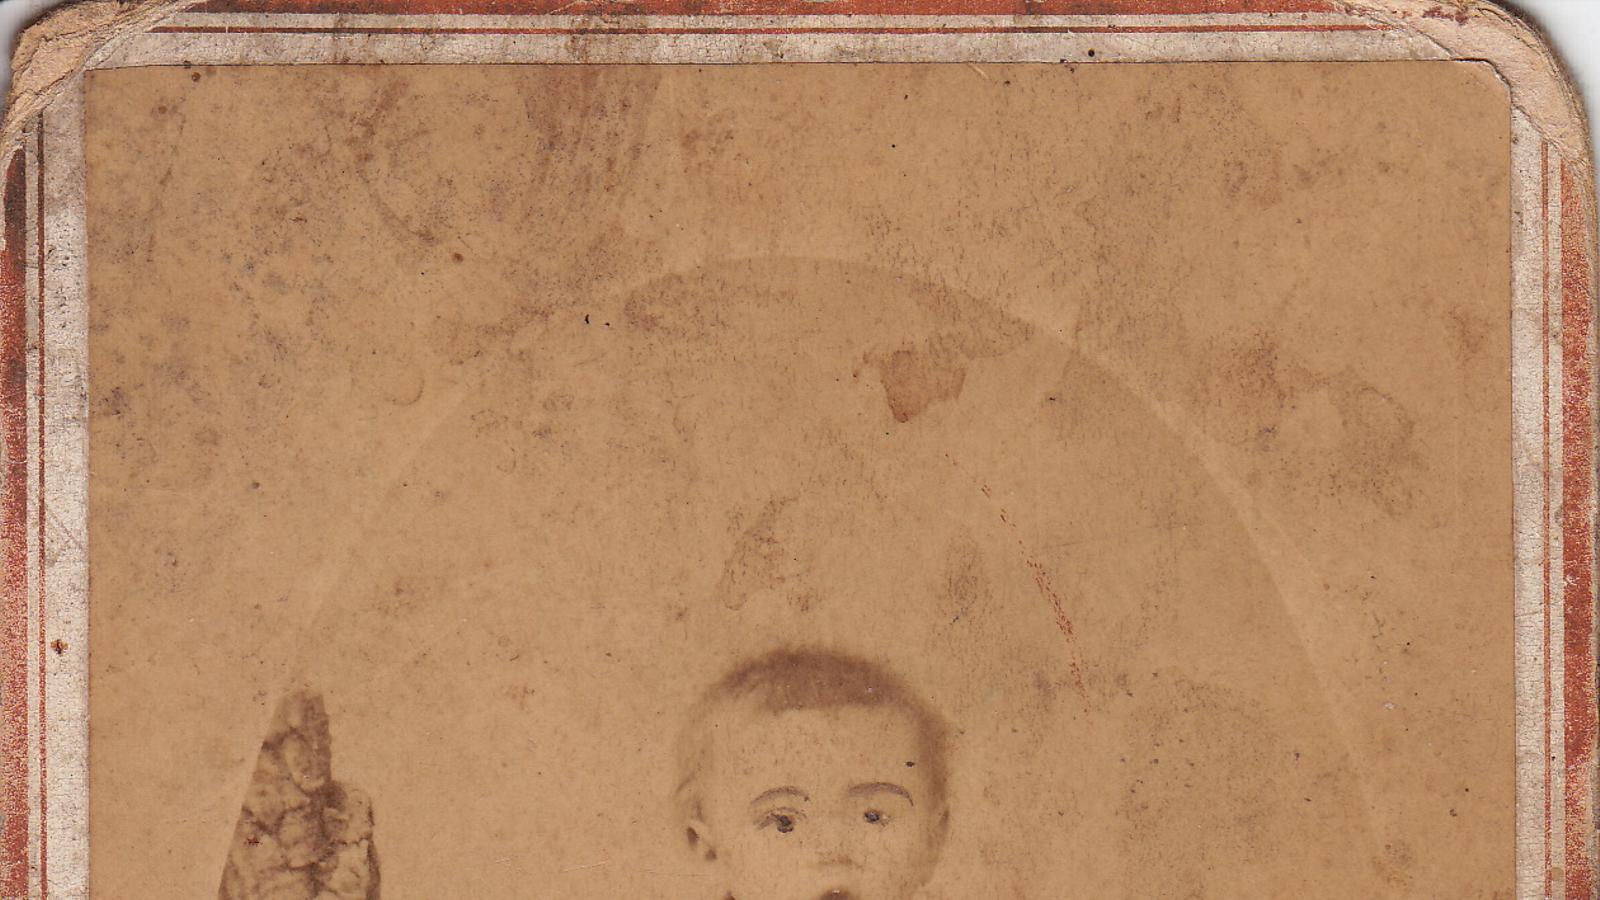 Una imatge del besavi de la Susana, Juan Melià Timoner, quan era un nadó